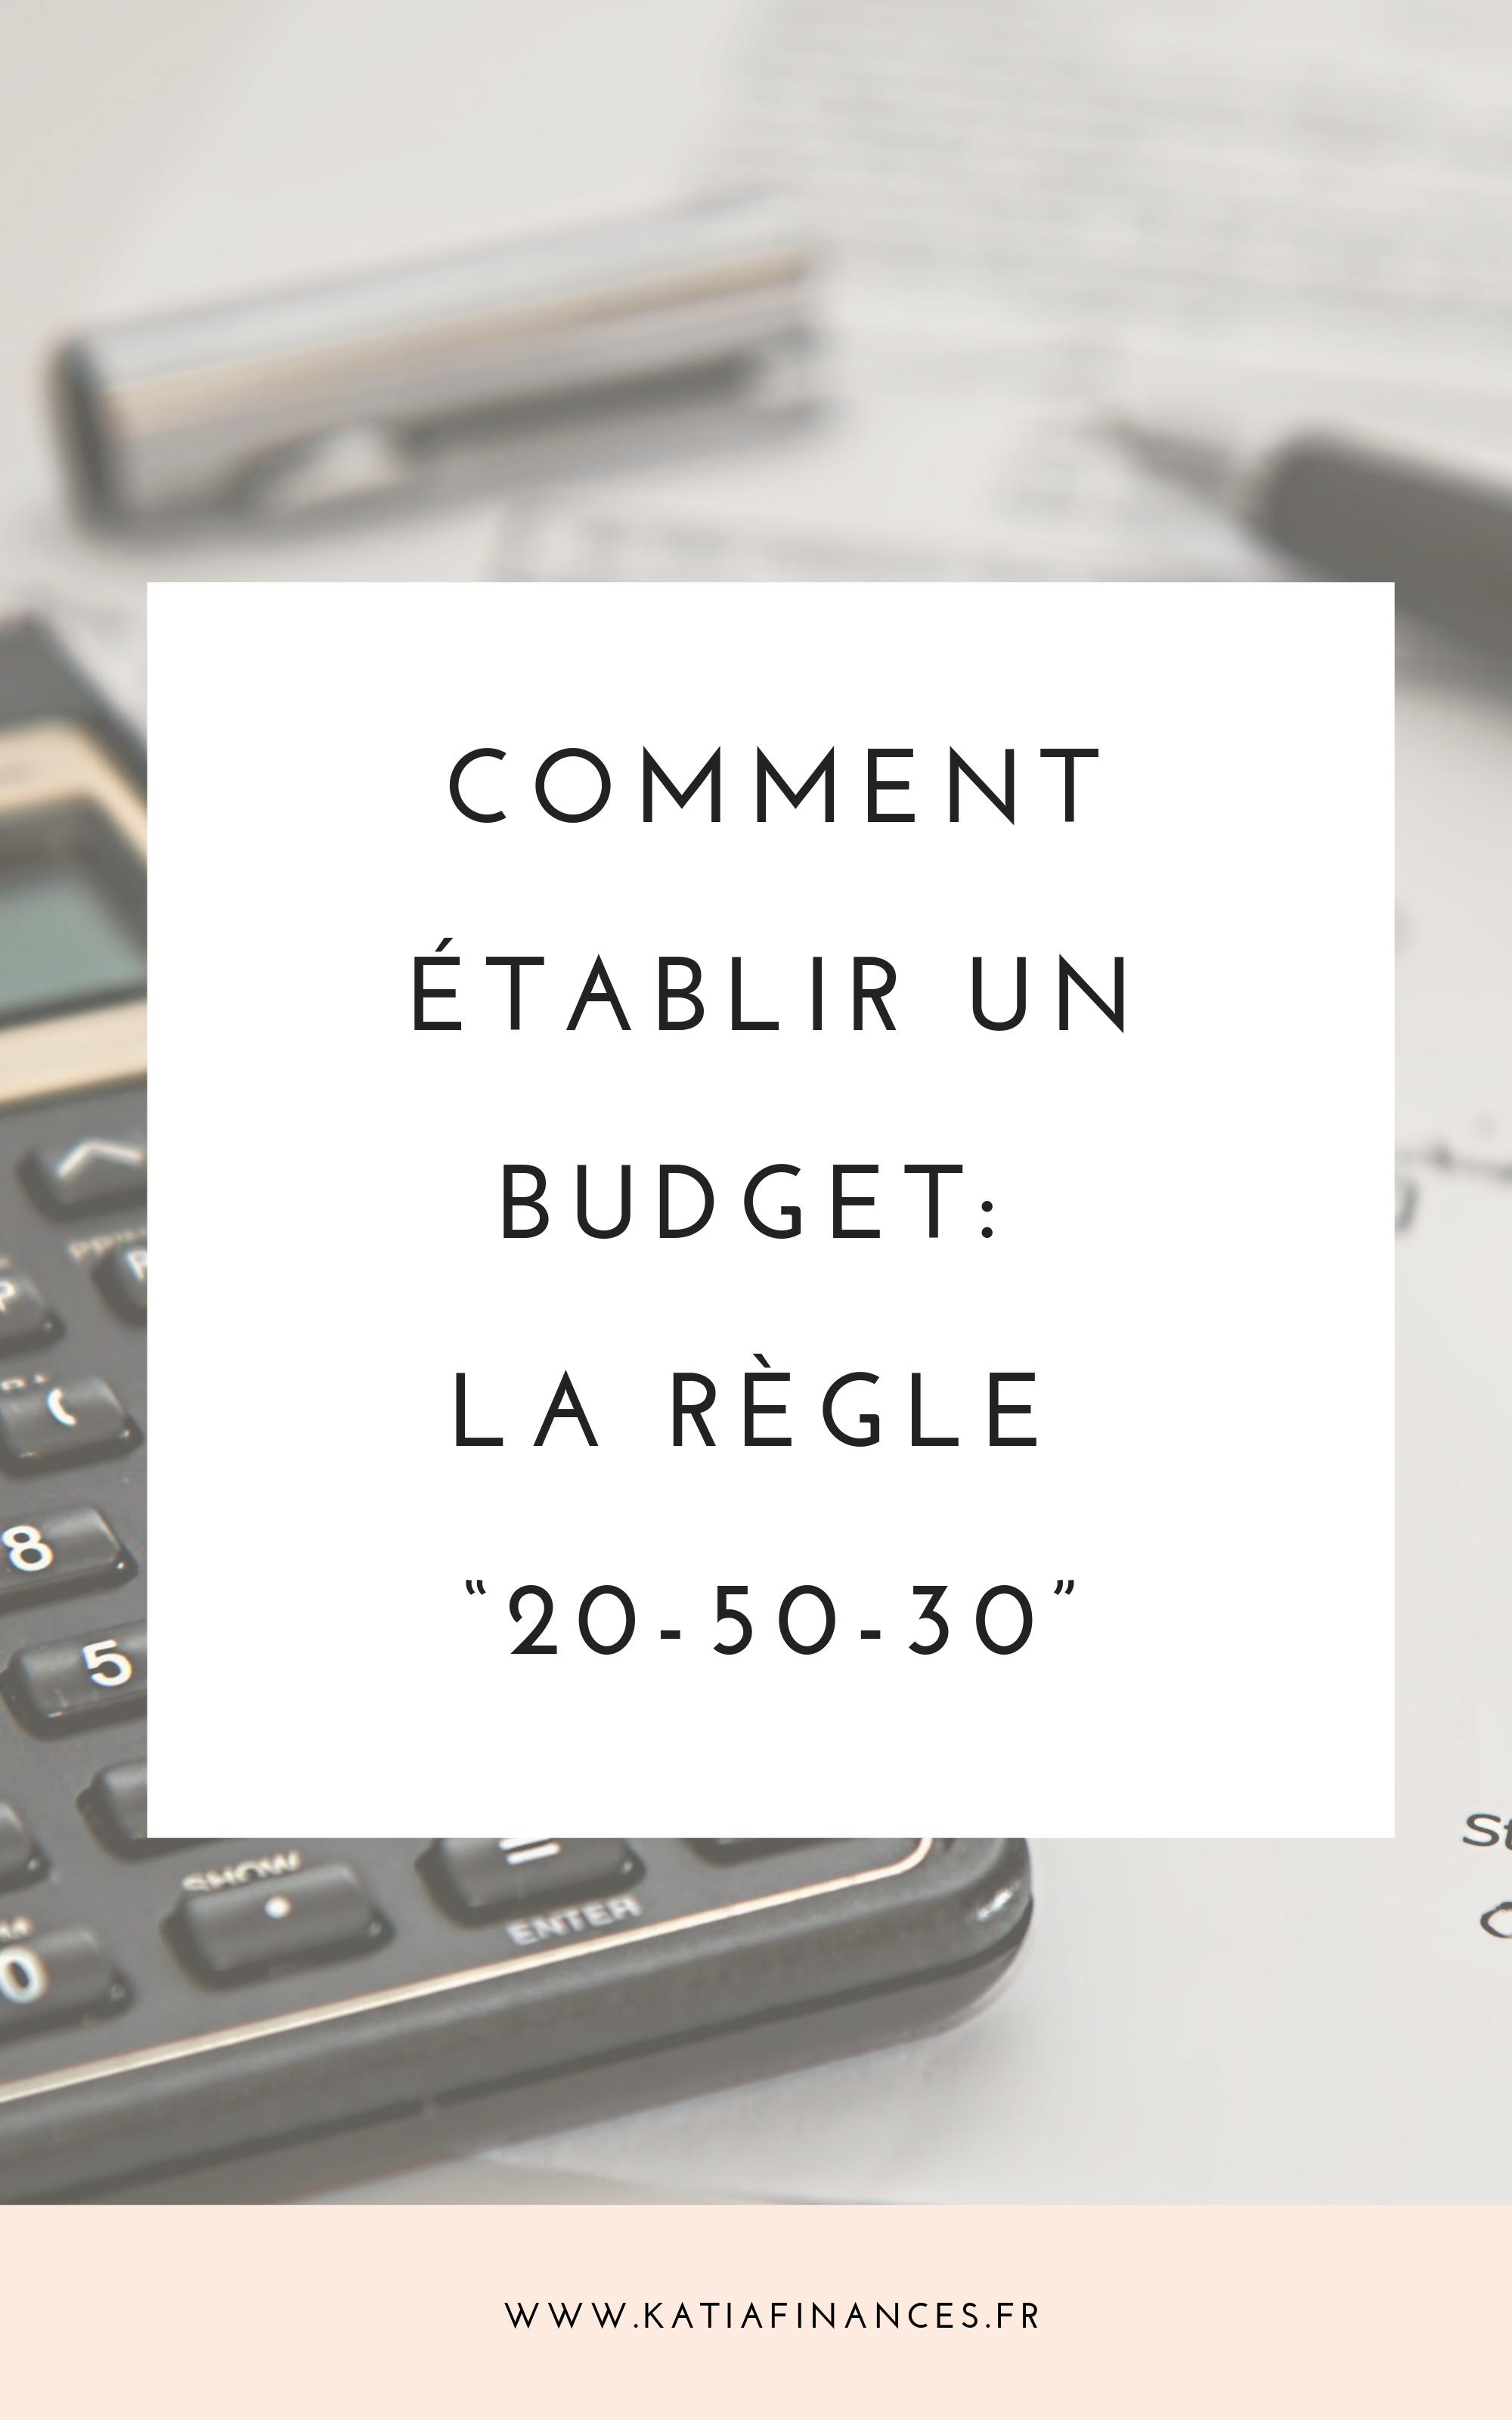 Budget La Regle 20 50 30 Comment Gerer Son Budget Gerer Son Budget Economiser De L Argent